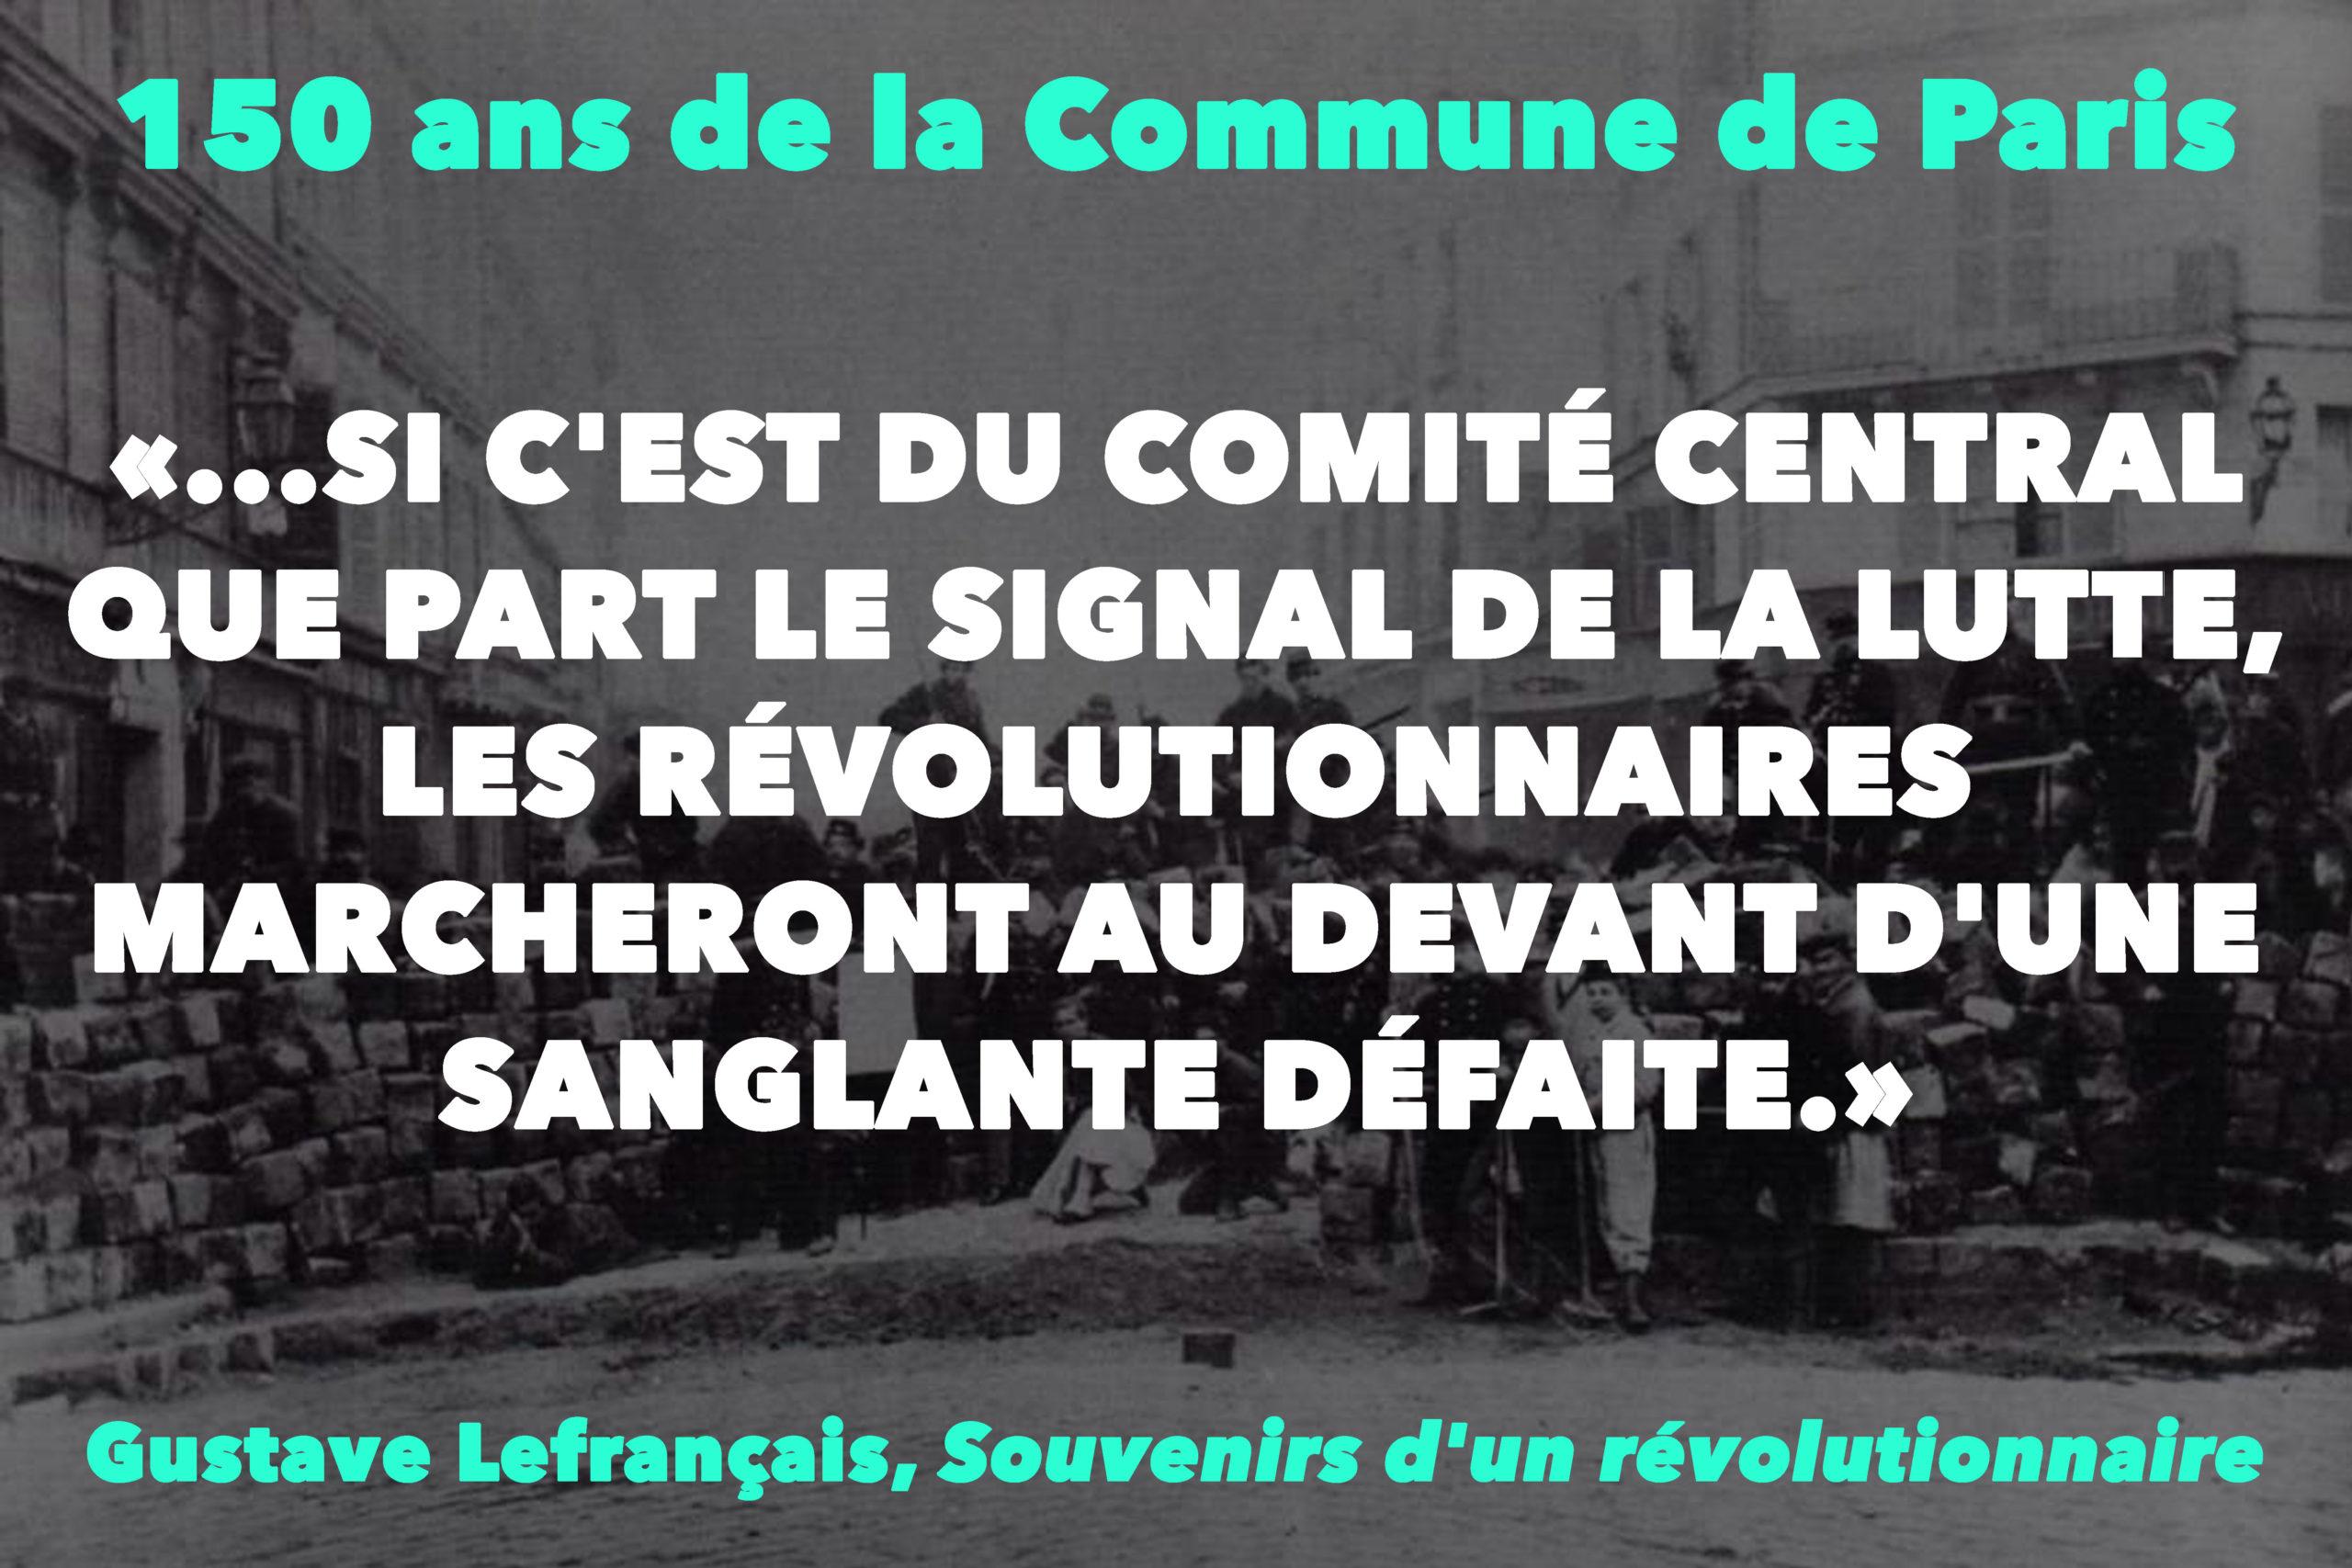 """""""…SI C'EST DU COMITÉ CENTRAL QUE PART LE SIGNAL DE LA LUTTE, LES RÉVOLUTIONNAIRES MARCHERONT AU DEVANT D'UNE SANGLANTE DÉFAITE."""""""